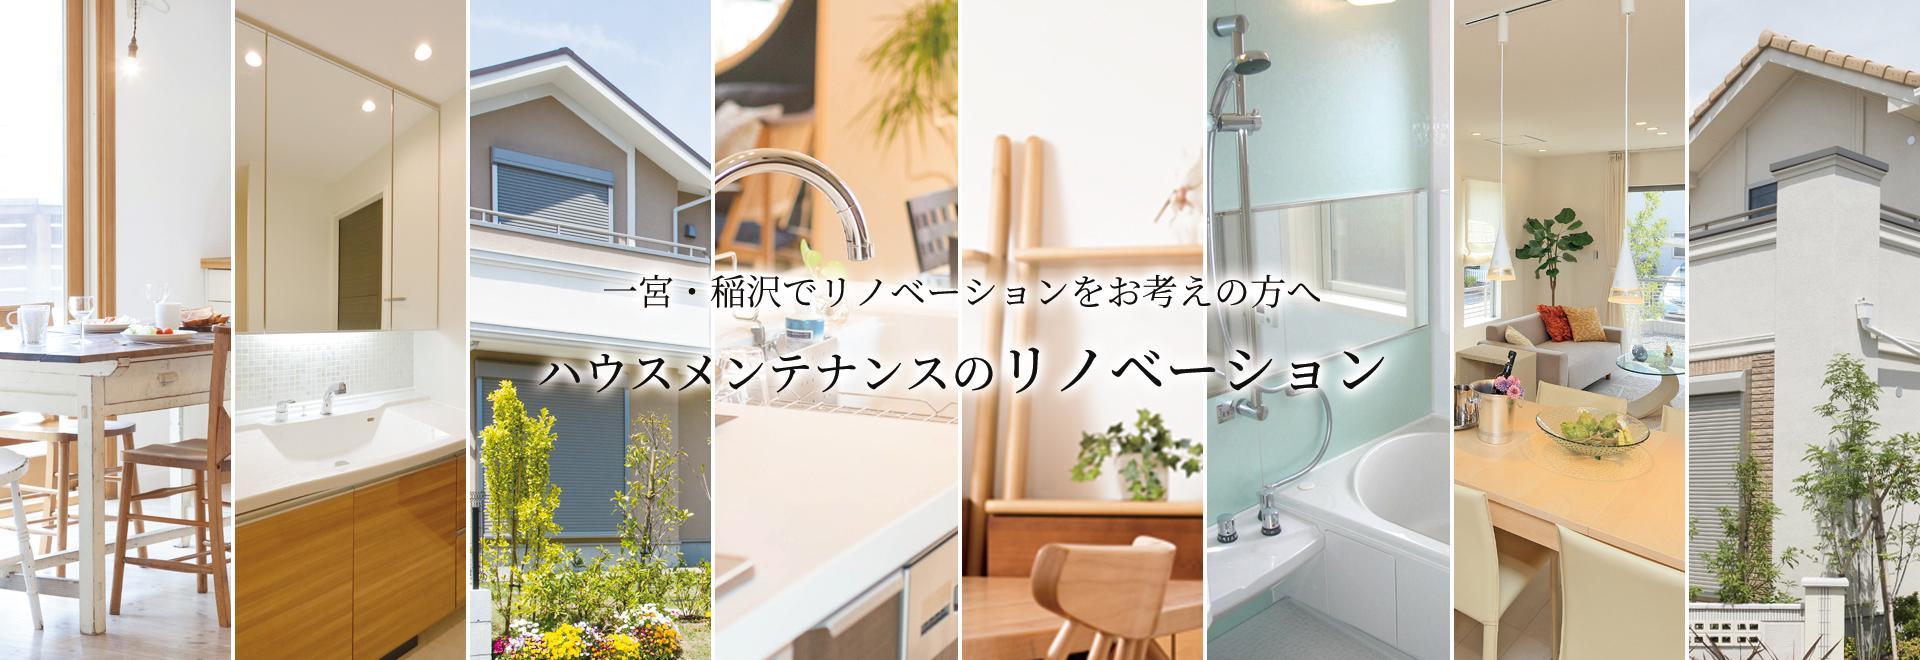 一宮・稲沢でリノベーションをお考えの方へハウスメンテナンスのリノベーション